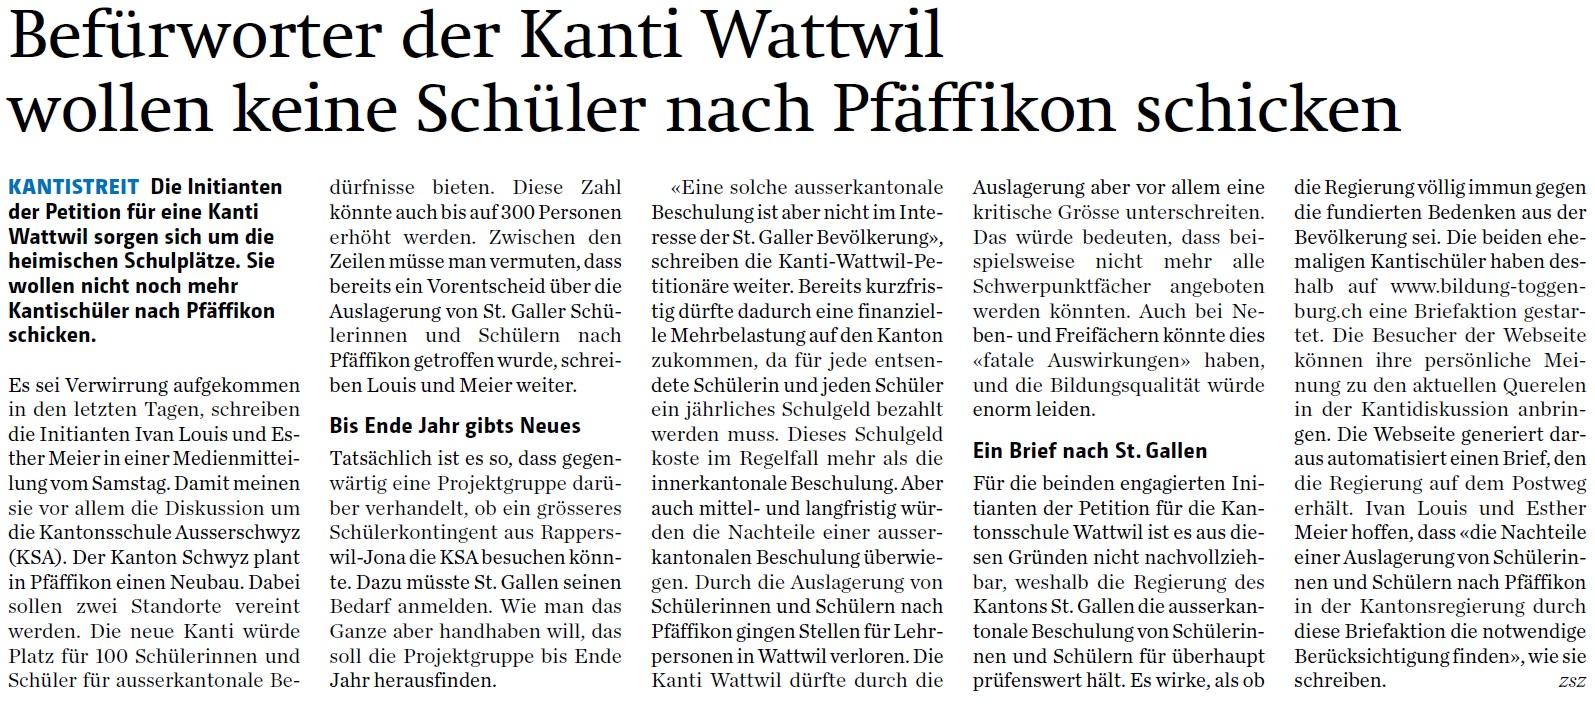 Befürworter der Kanti Wattwil wollen keine Schüler nach Pfäffikon schicken (Montag, 06.10.2014)